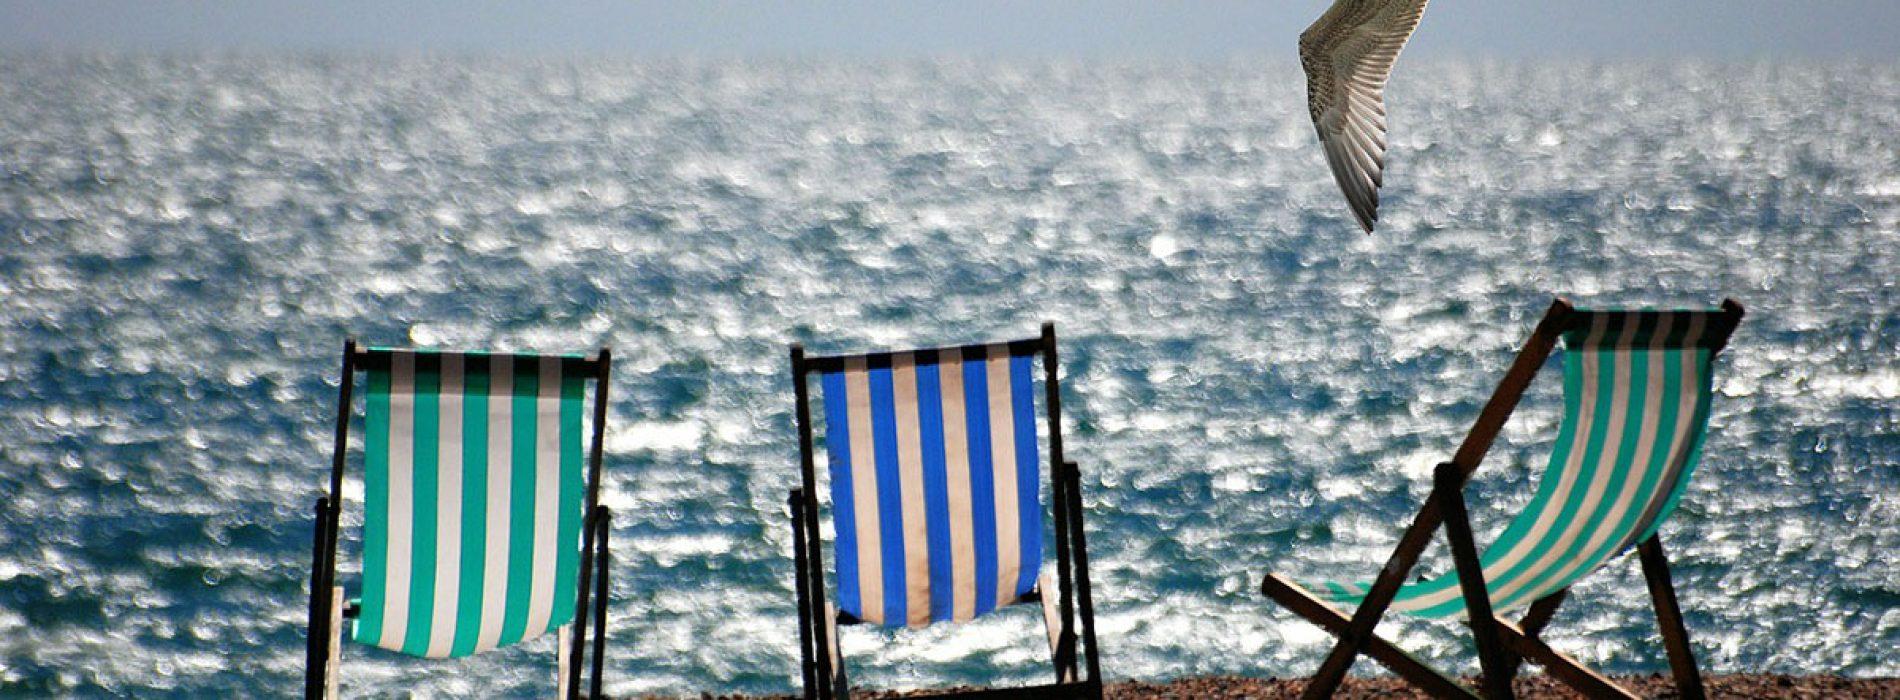 Verano lowcost: los destinos de playa más baratos de España